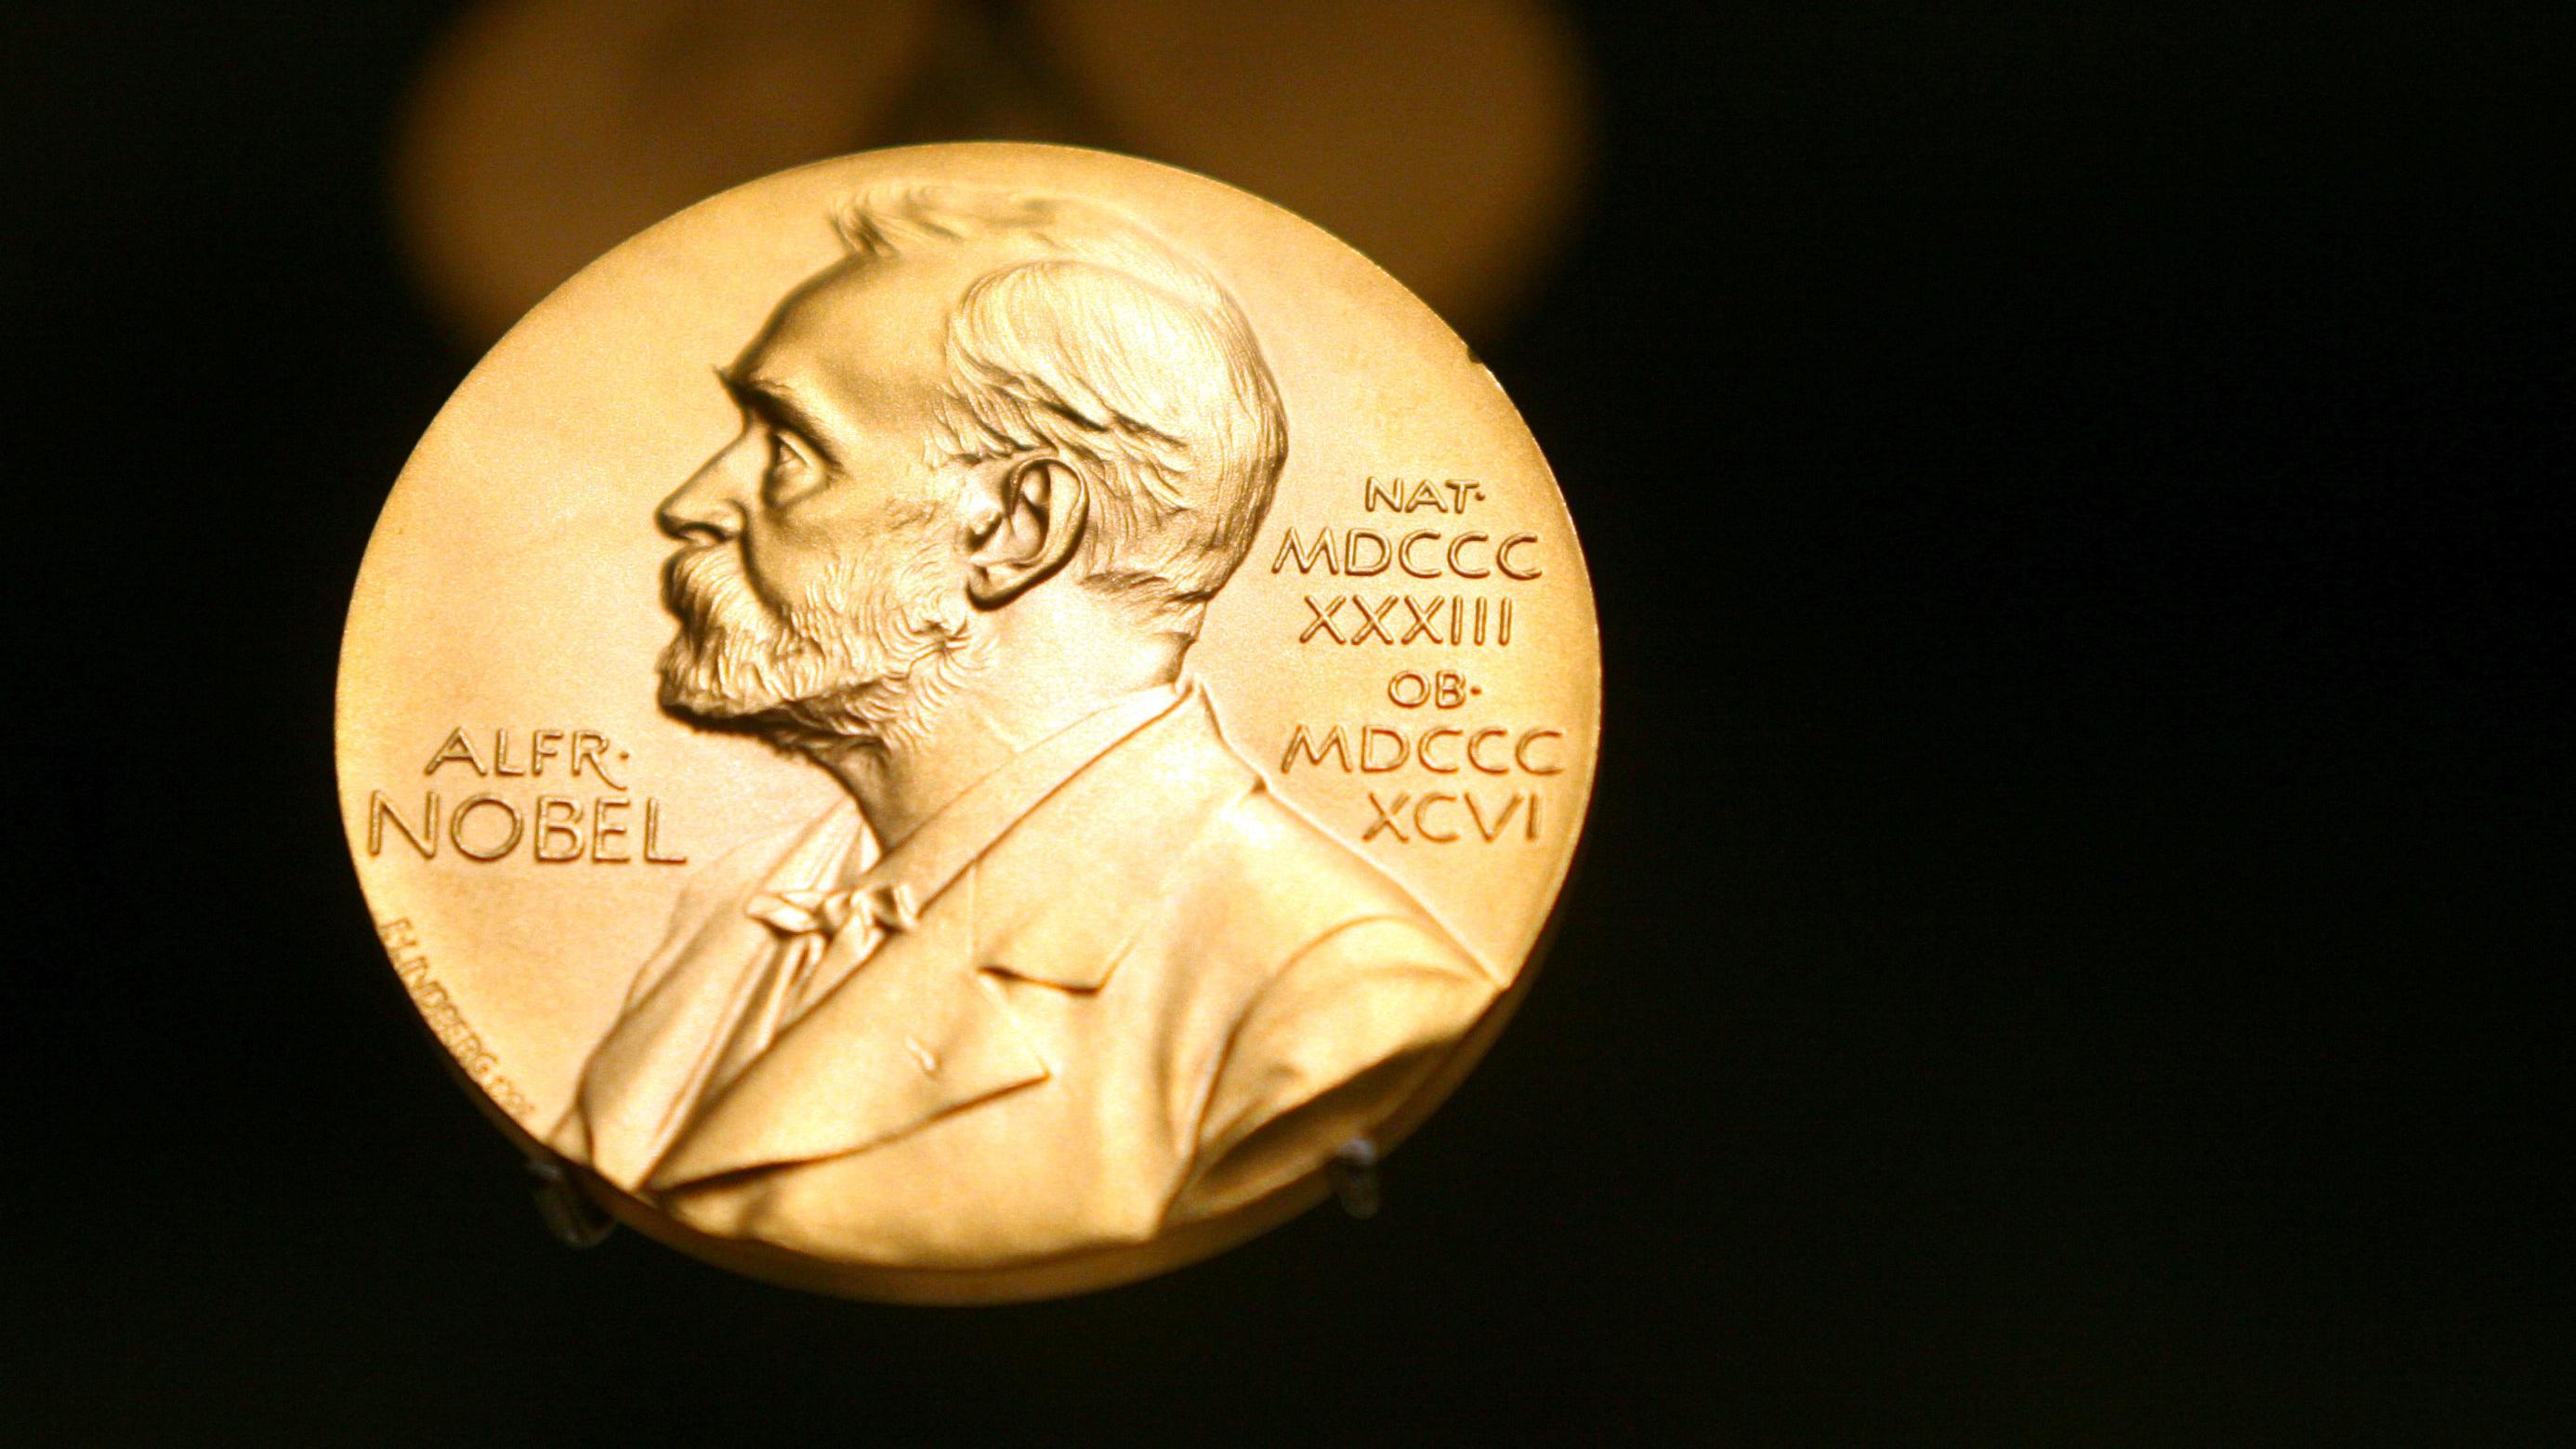 Nobelpreismedaille vor schwarzem Hintergrund (Symbolbild)